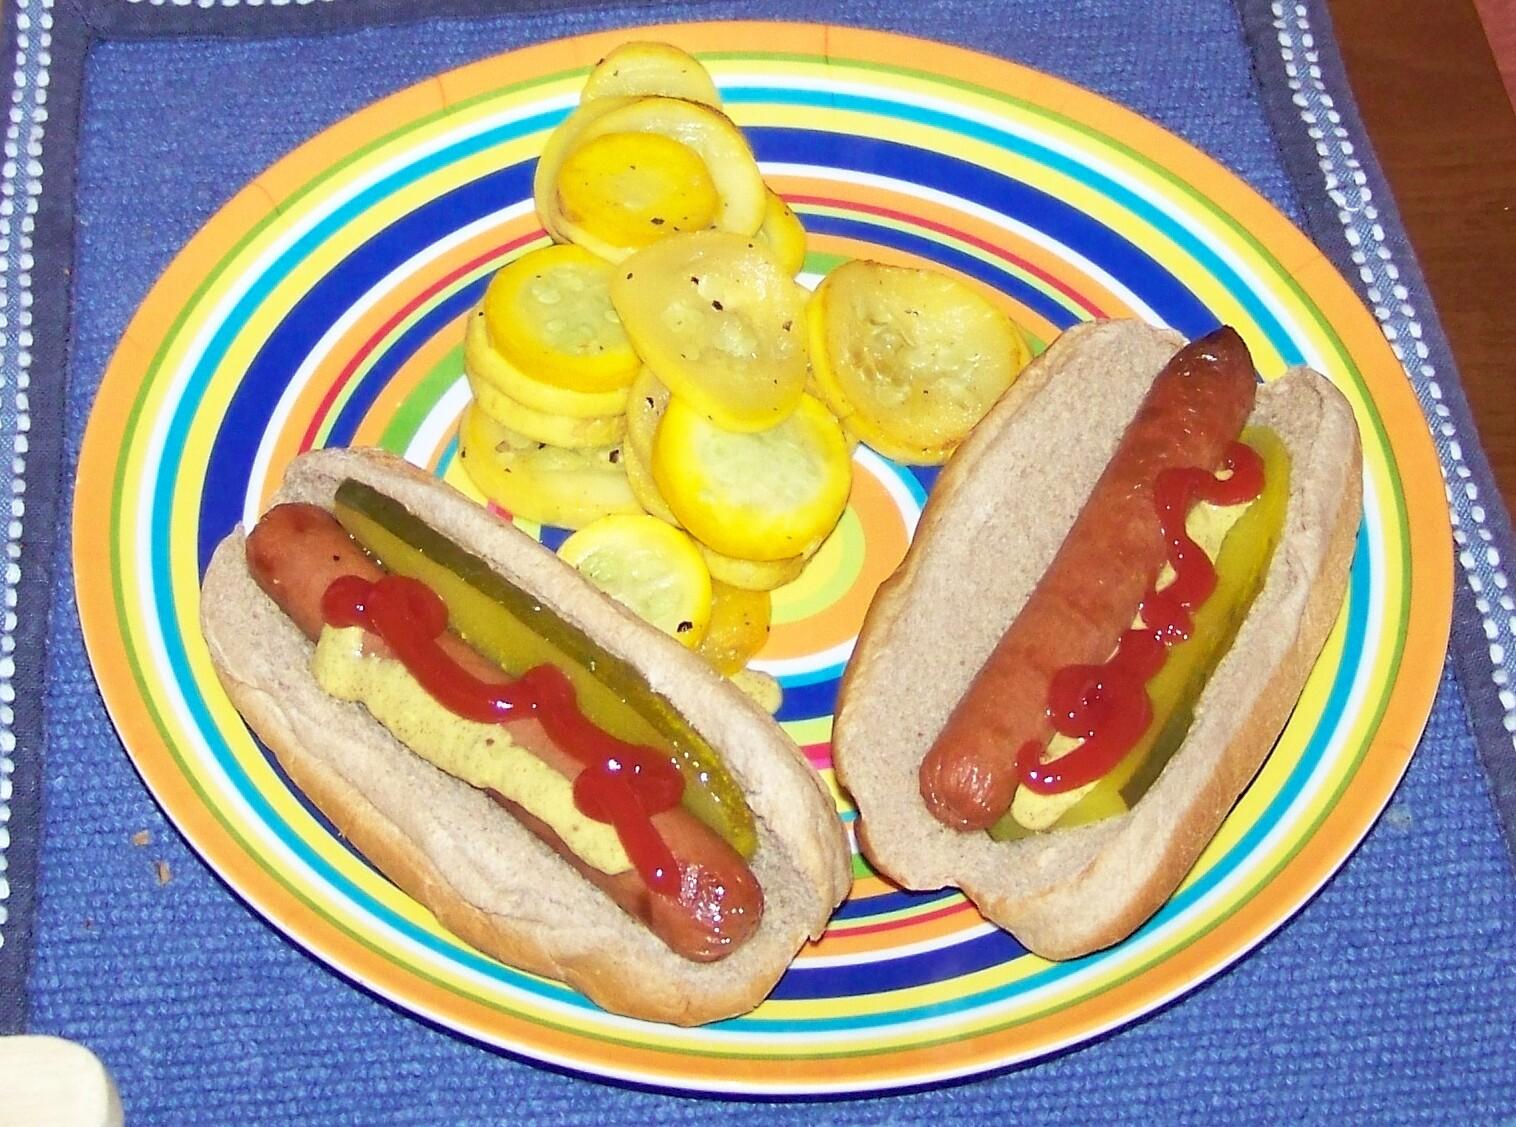 Bar S Quarter Pound Hot Dog Nutrition